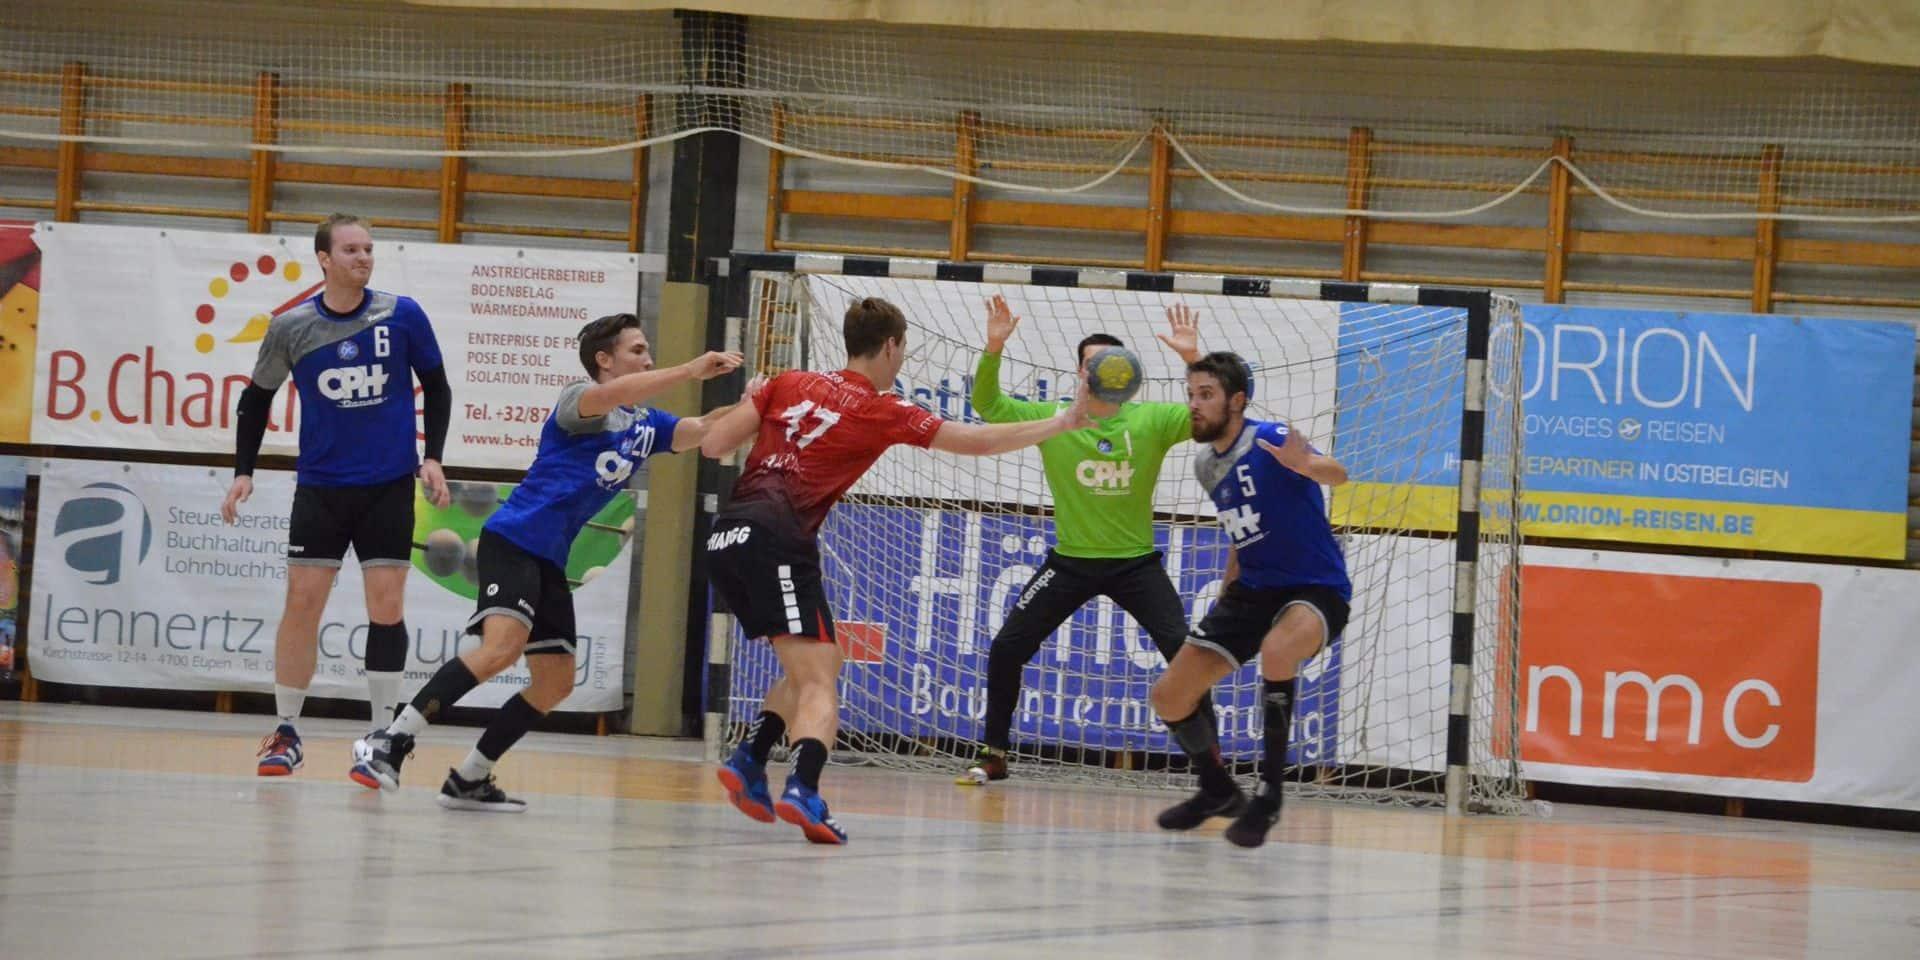 Handball: Visé et ses jeunes, une proie facile pour l'Estudiantes?